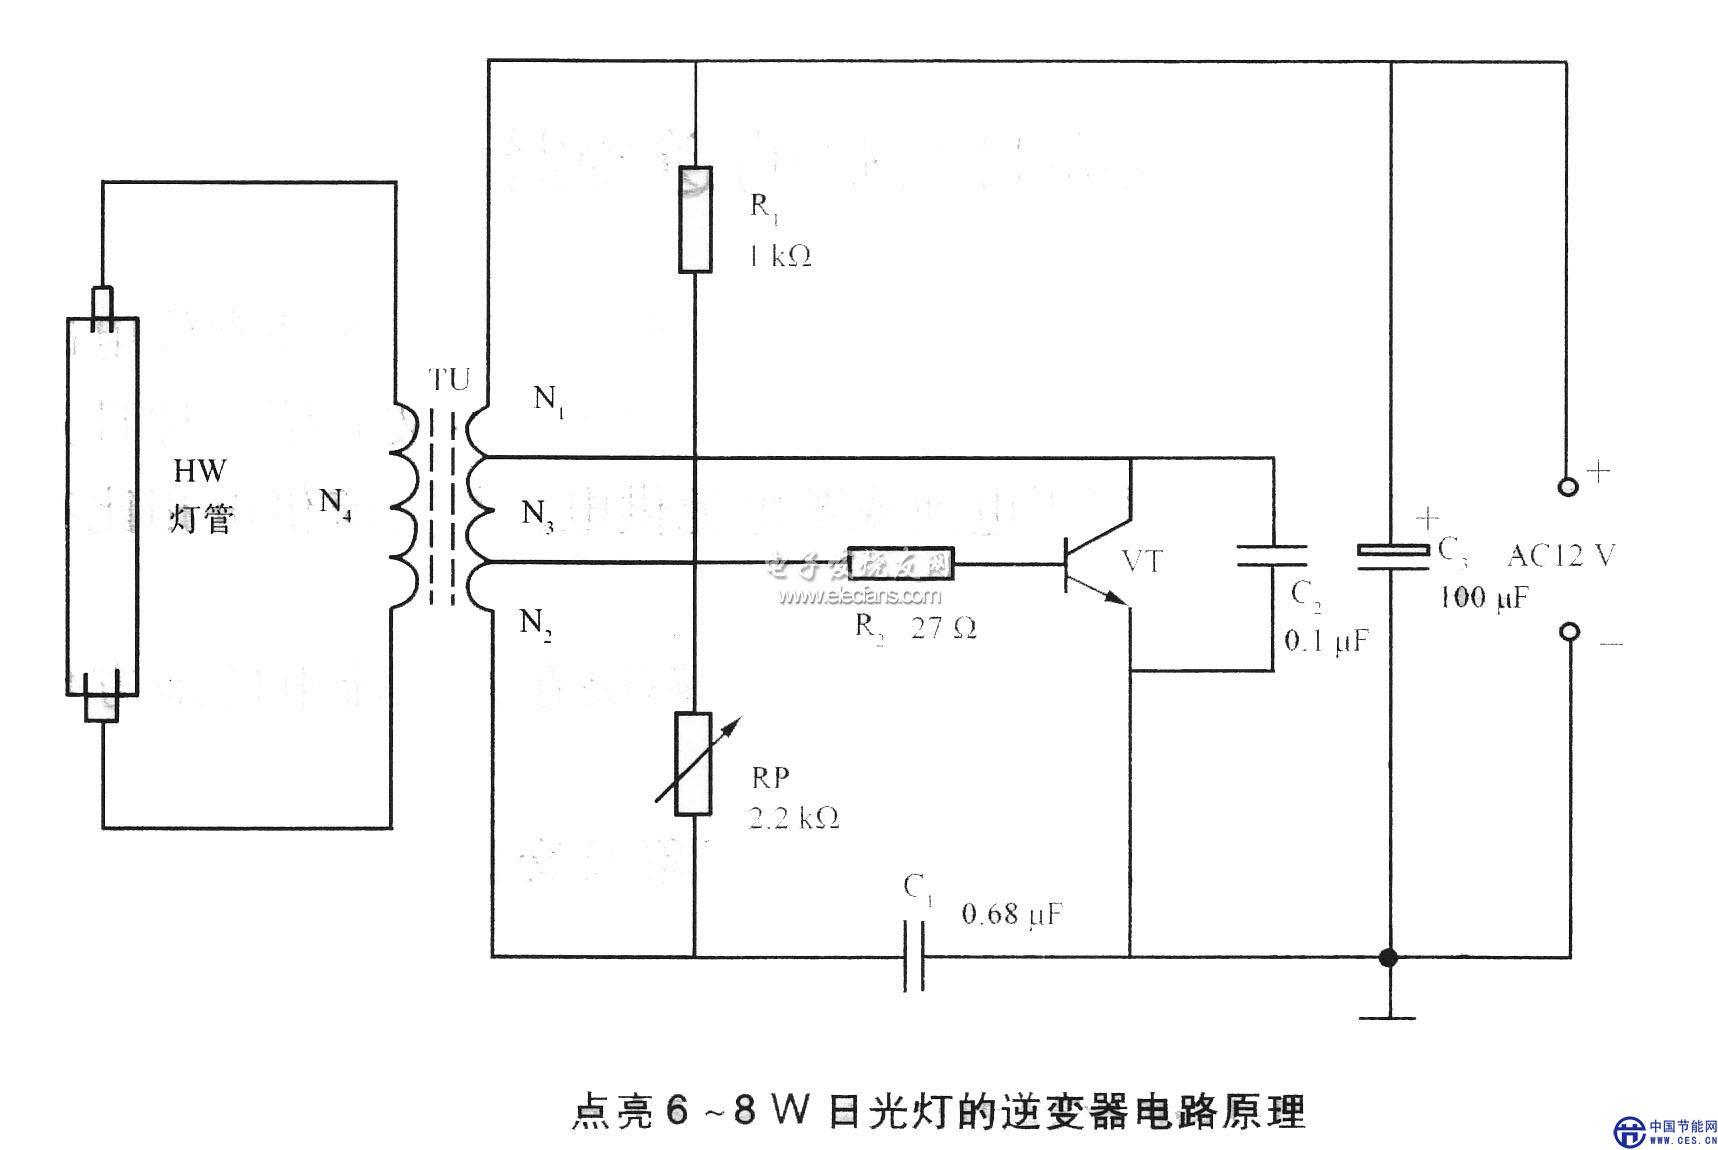 点亮6~8w日光灯的逆变器原理图(1/2)